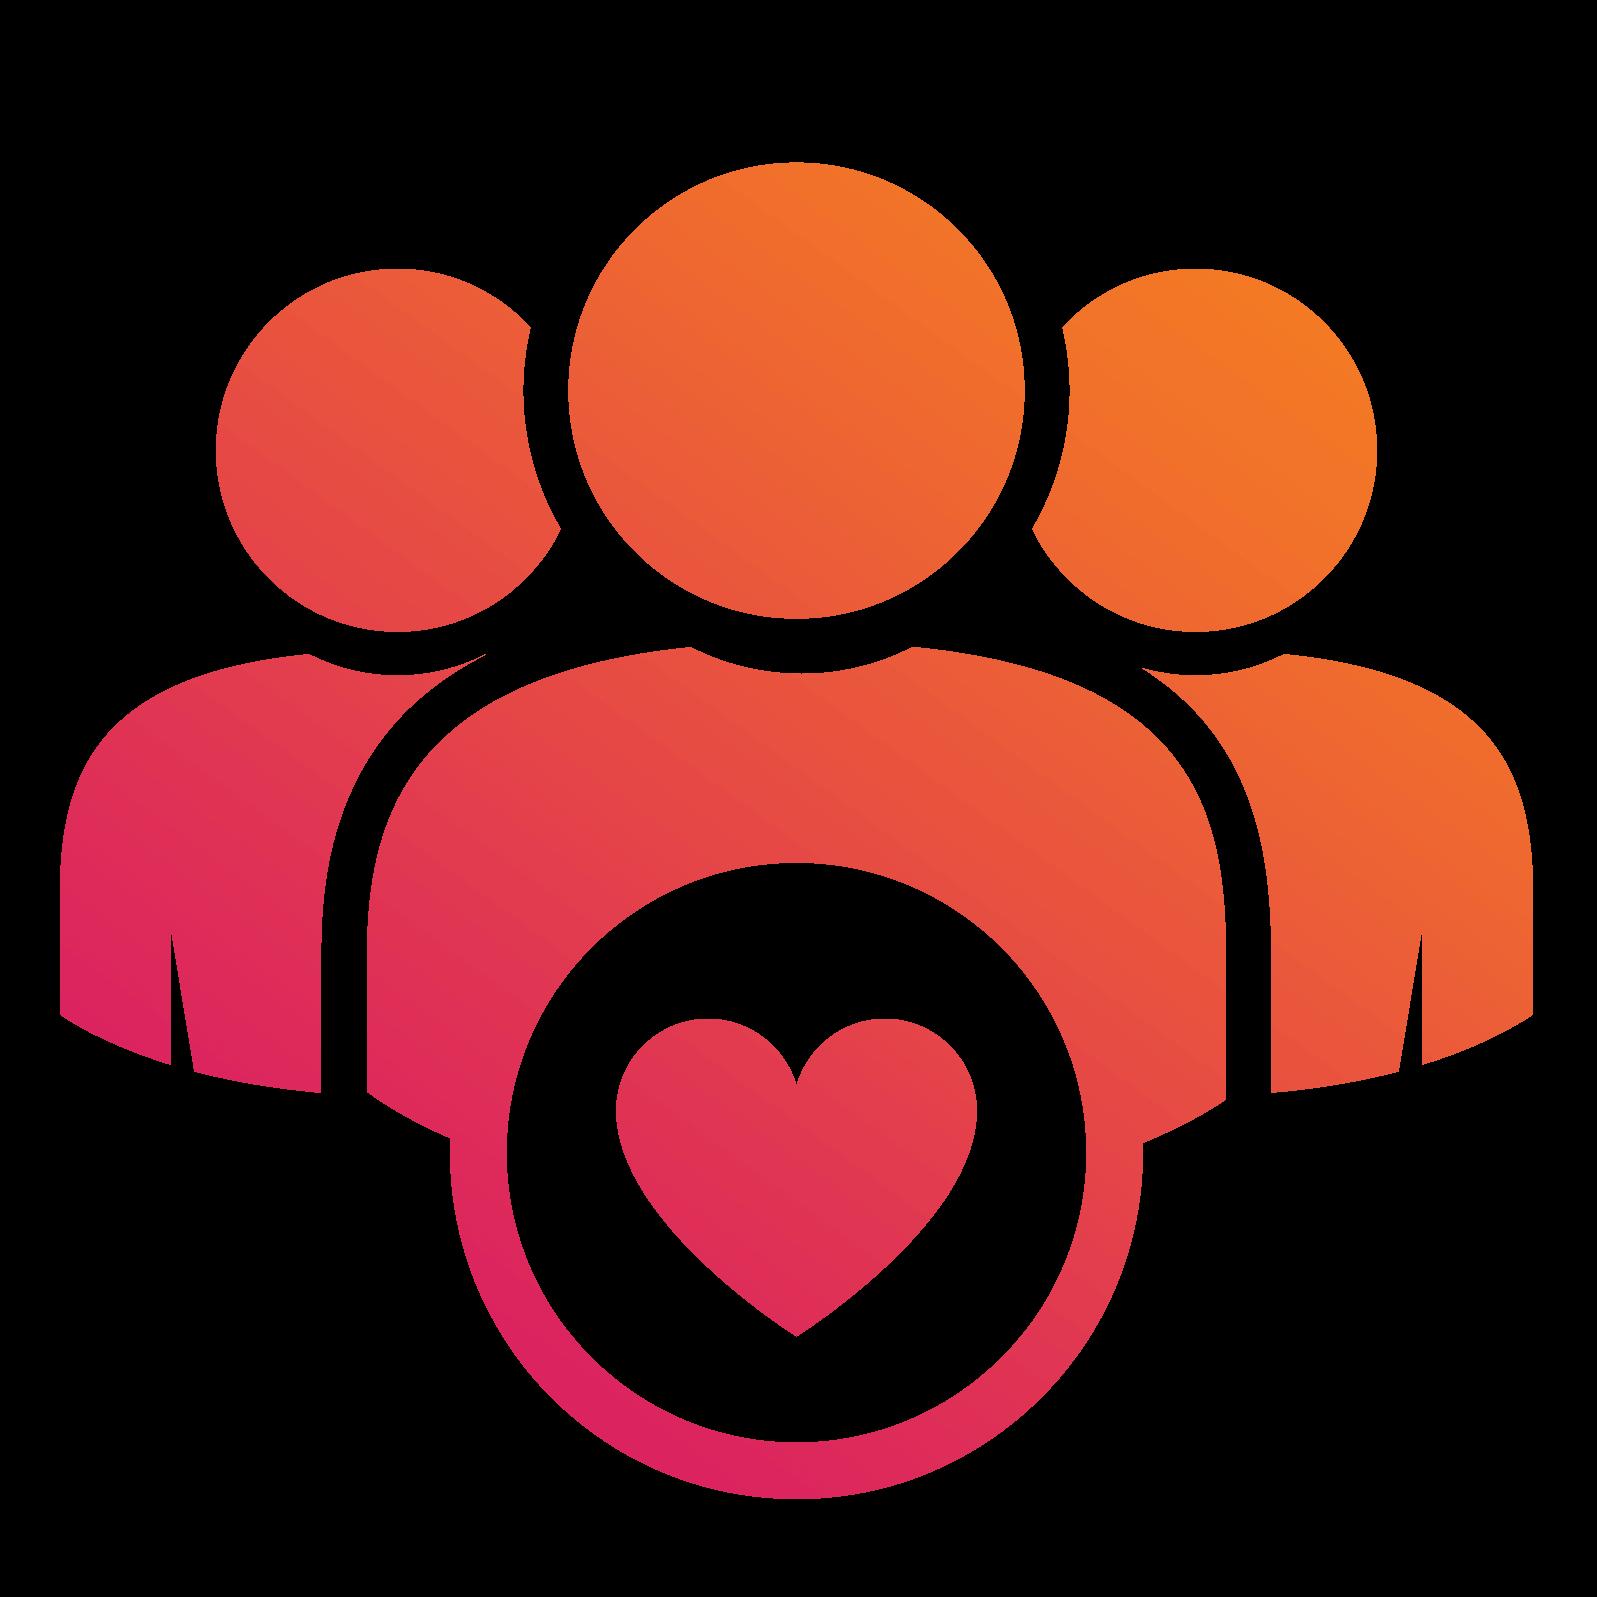 community-icon-gradient-1